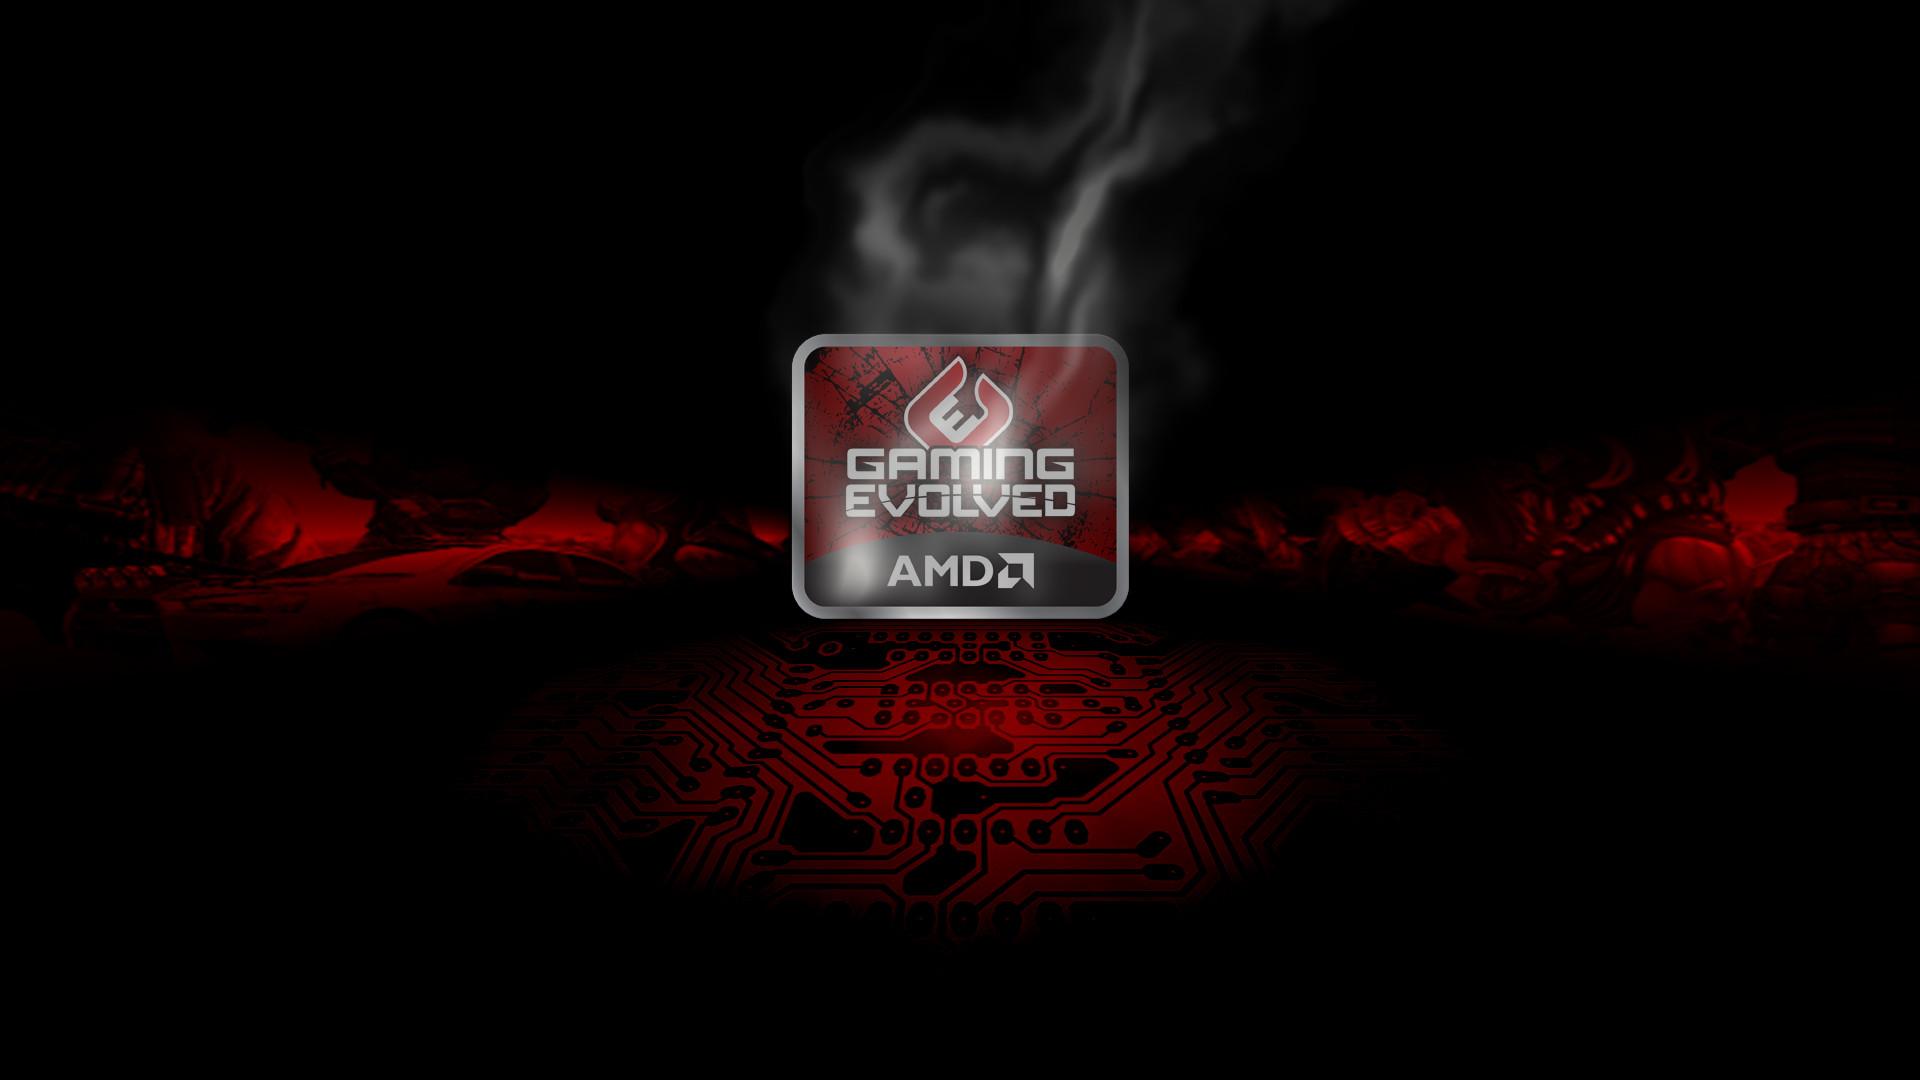 Radeon Wallpapers – HD AMD Radeon broken glass –